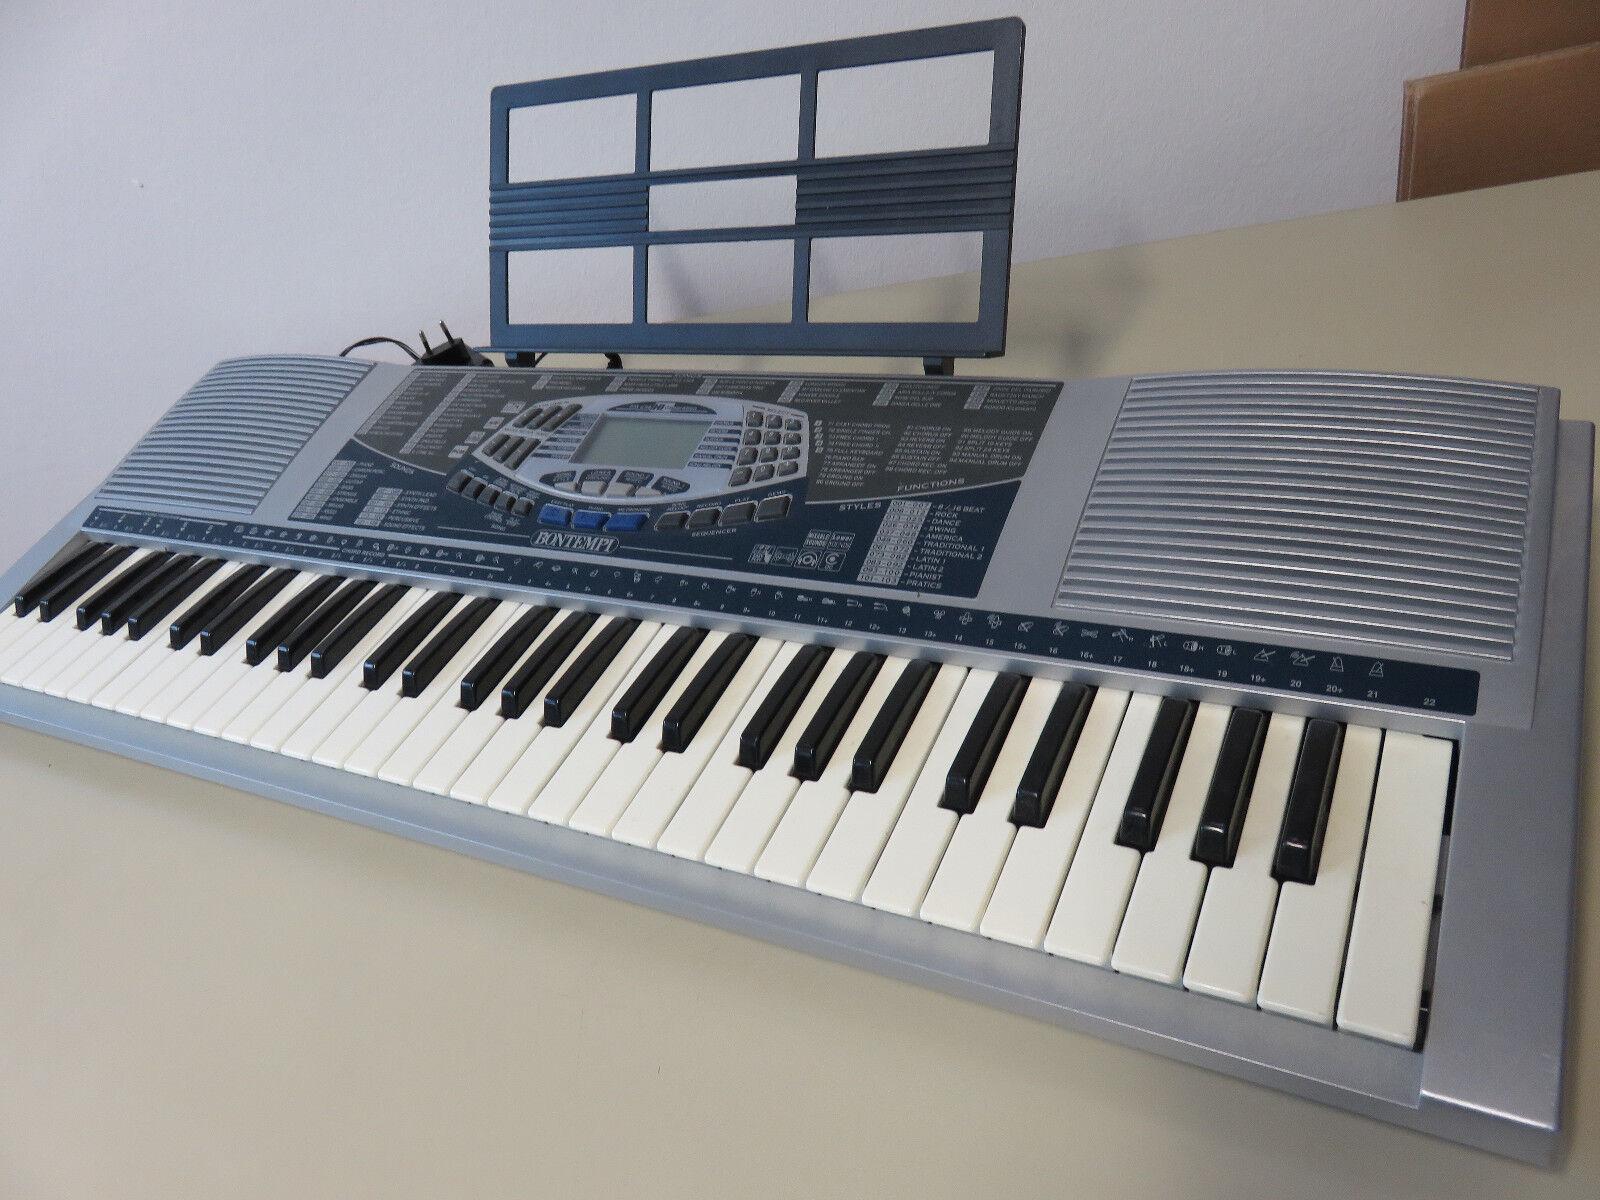 Bontempi Keyboard PM 694 mit Notenständer, Netzteil und Handbuch